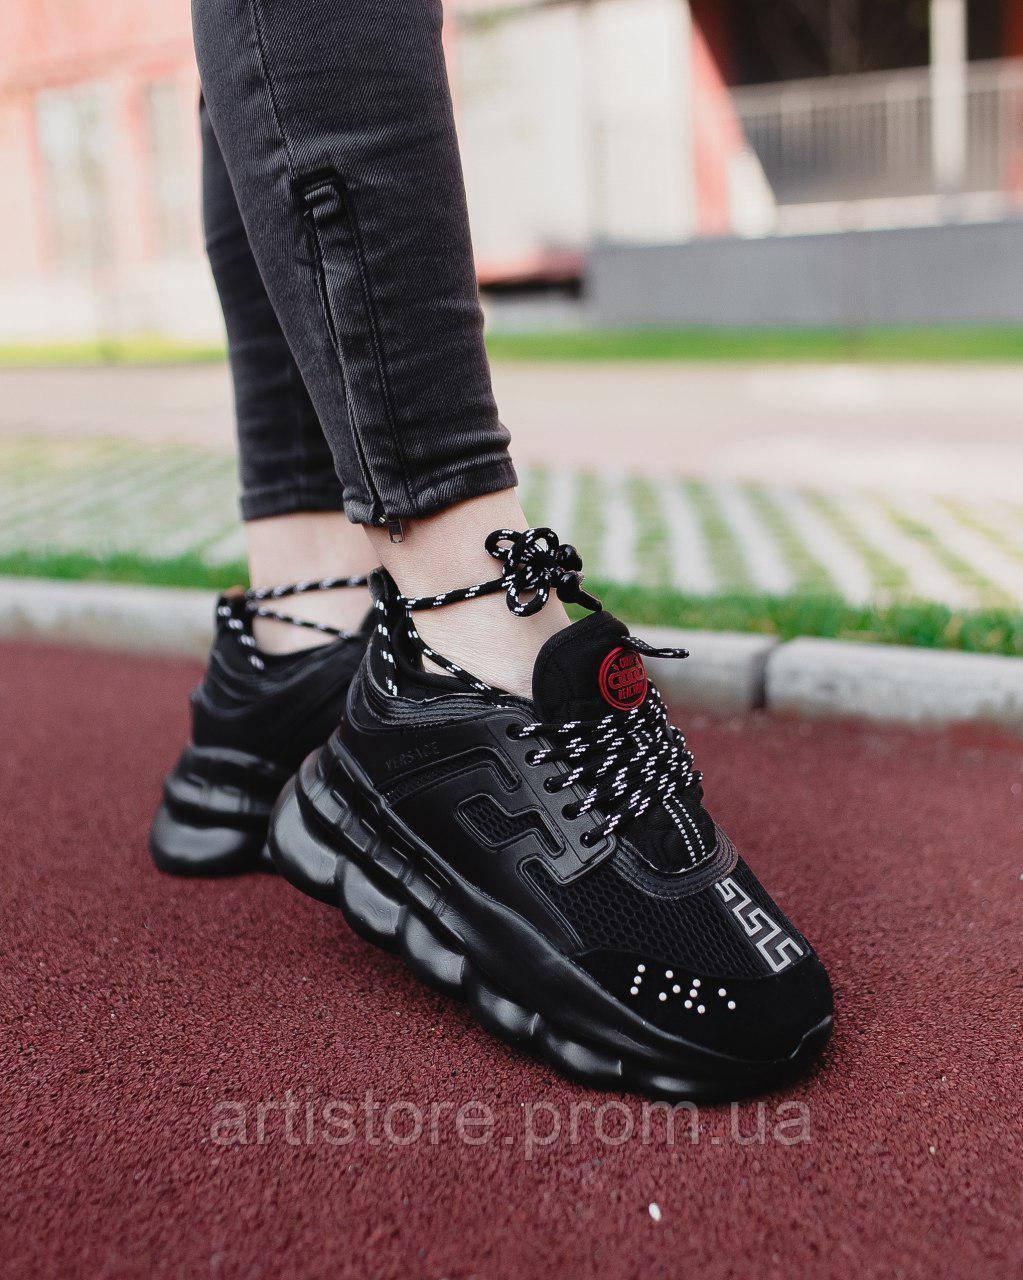 Кроссовки Versace Chain Reaction 2 Full black Чисто черные